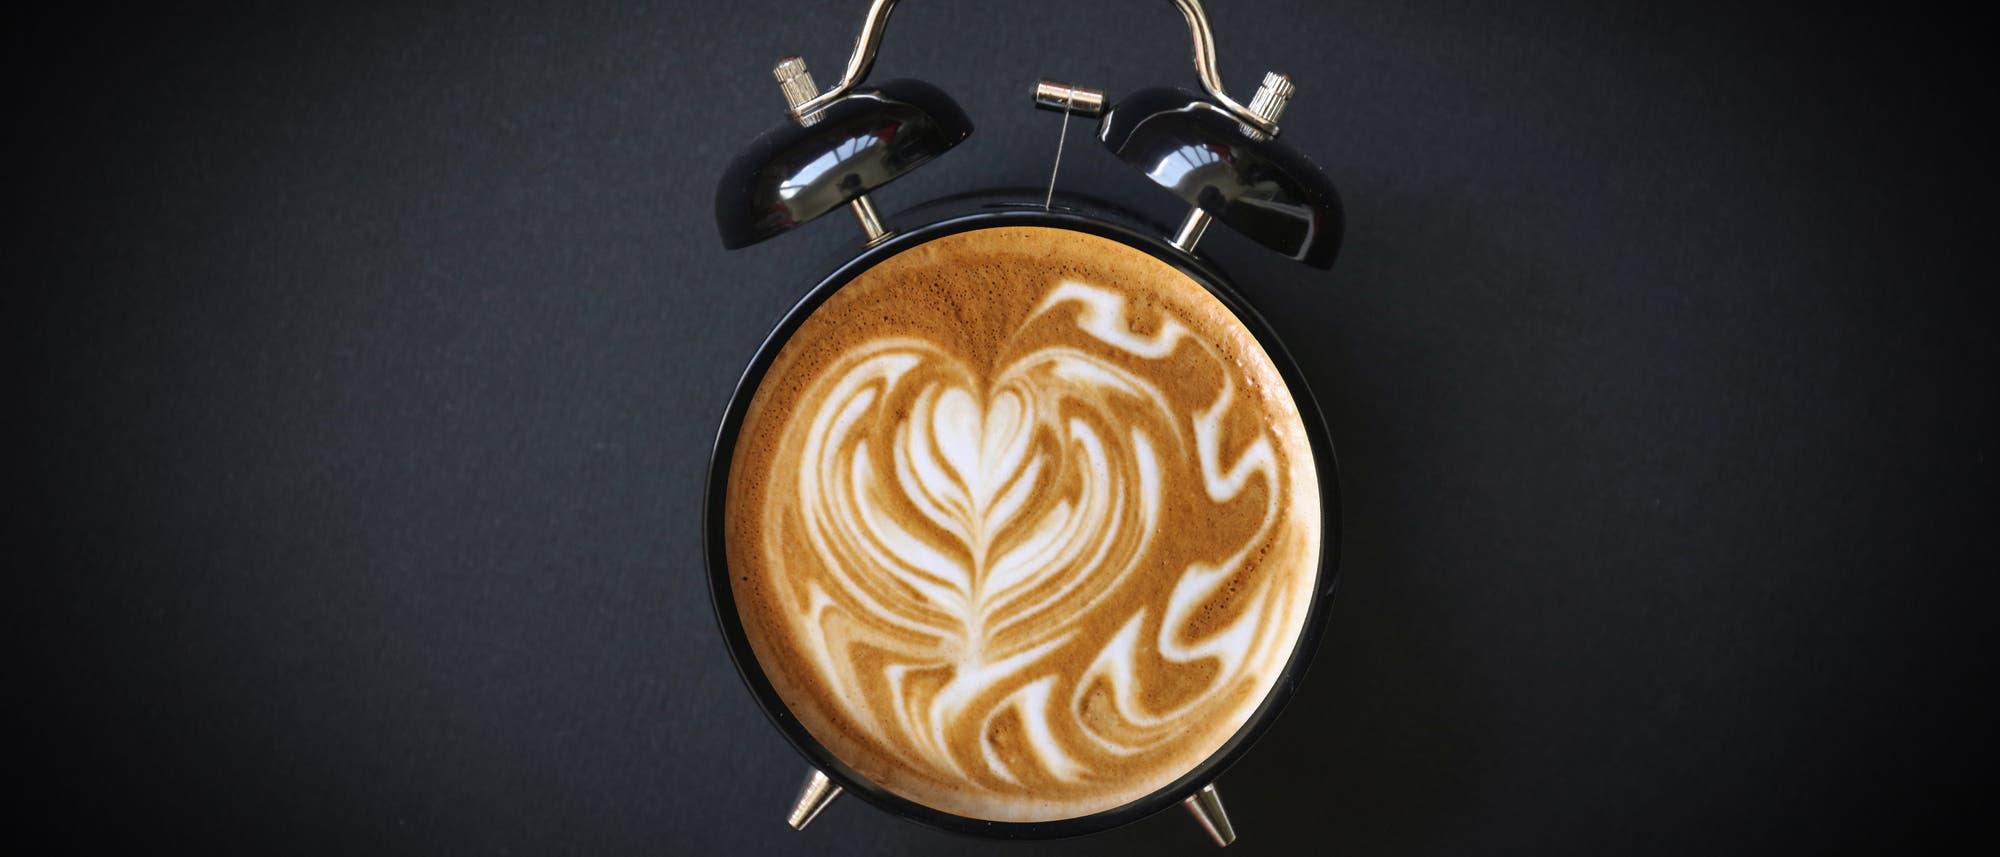 Milchkaffee als Wecker